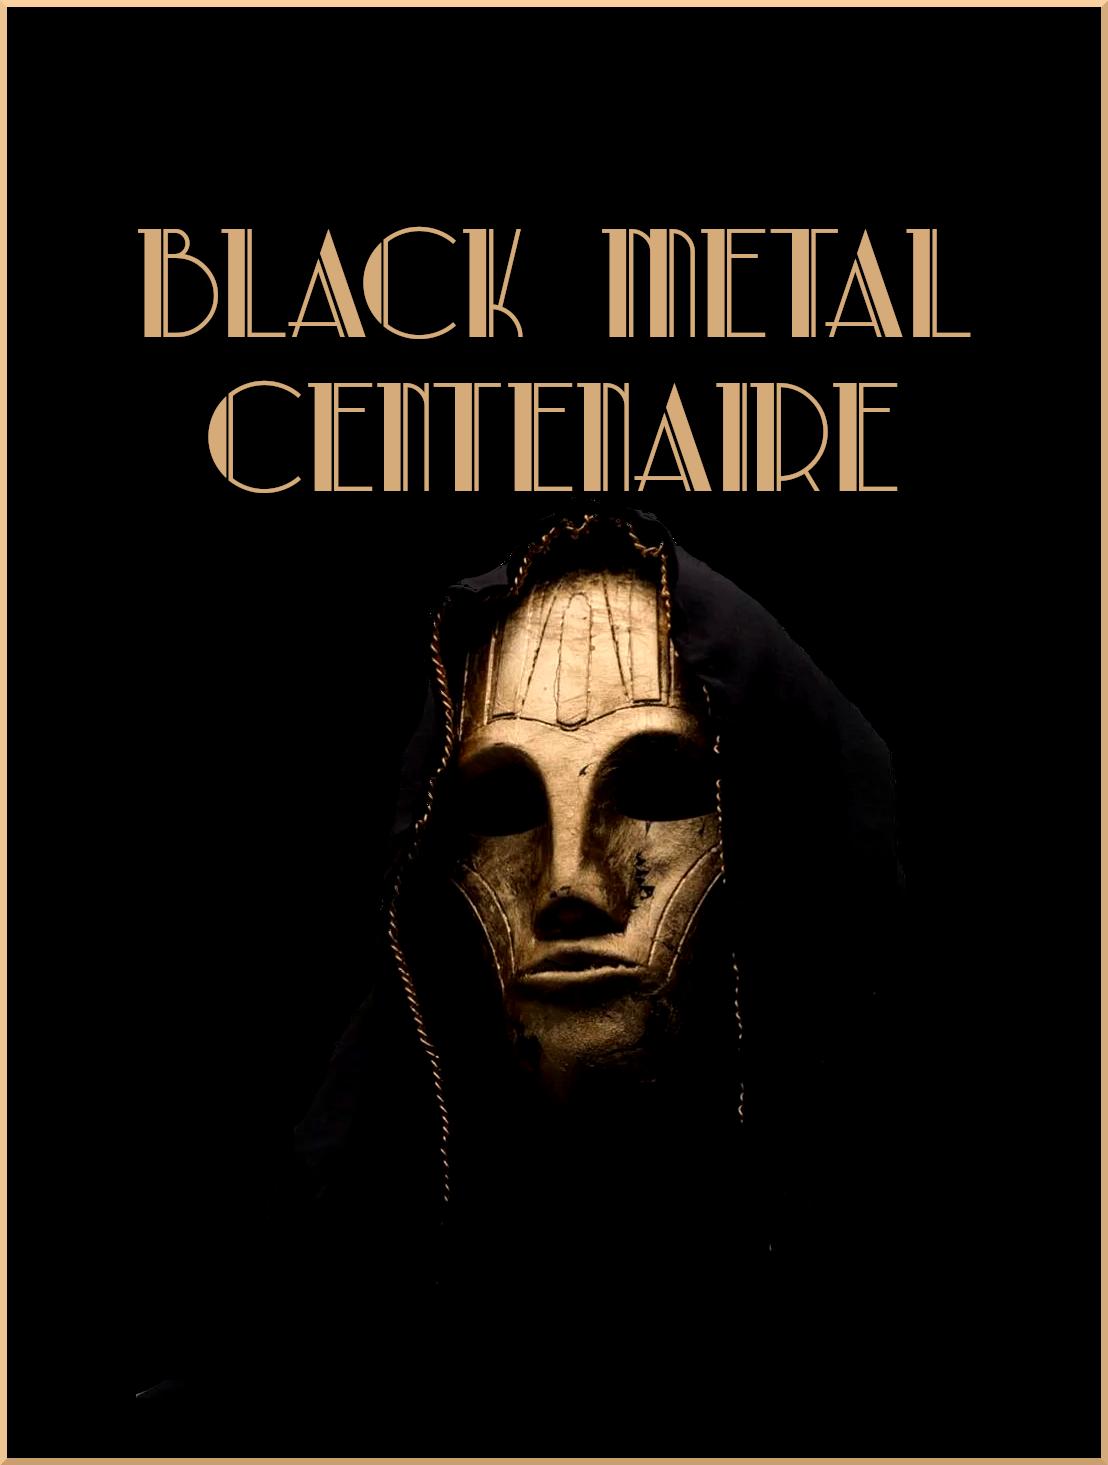 Dossier : Pourquoi cet album de Black Metal aurait-il pu sortir il y a 100 ans?